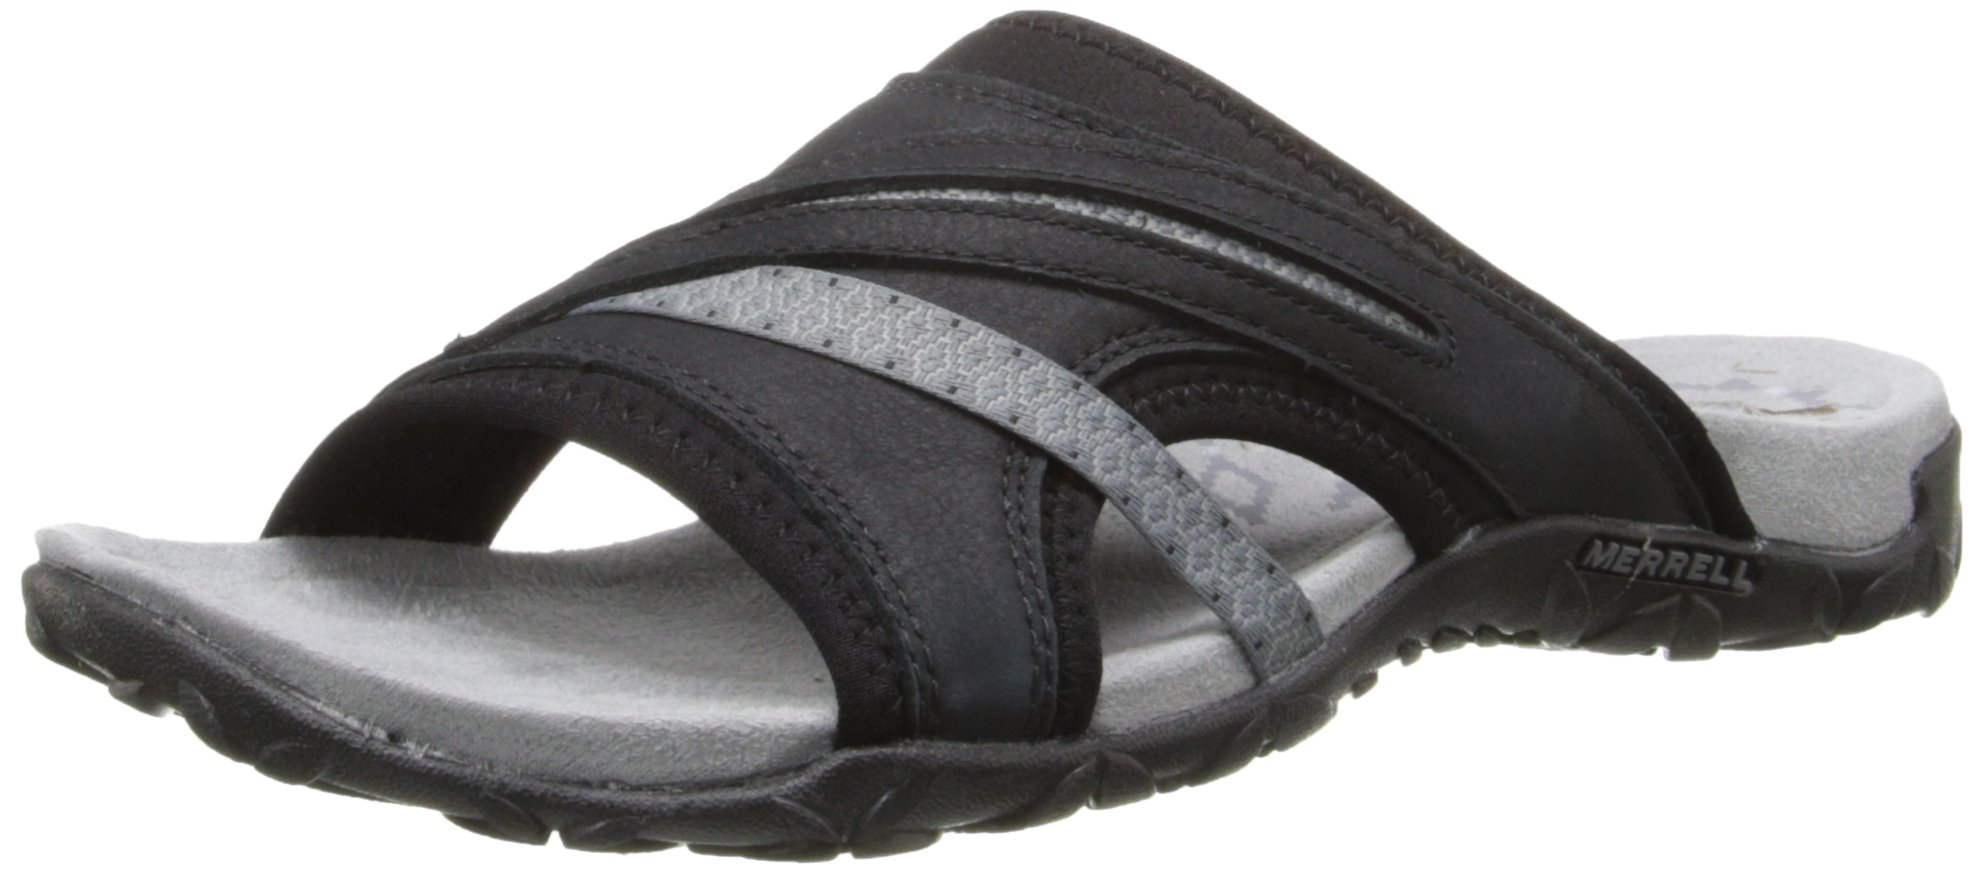 Merrell Women's Terran Slide II Sandal, Black, 8 M US by Merrell